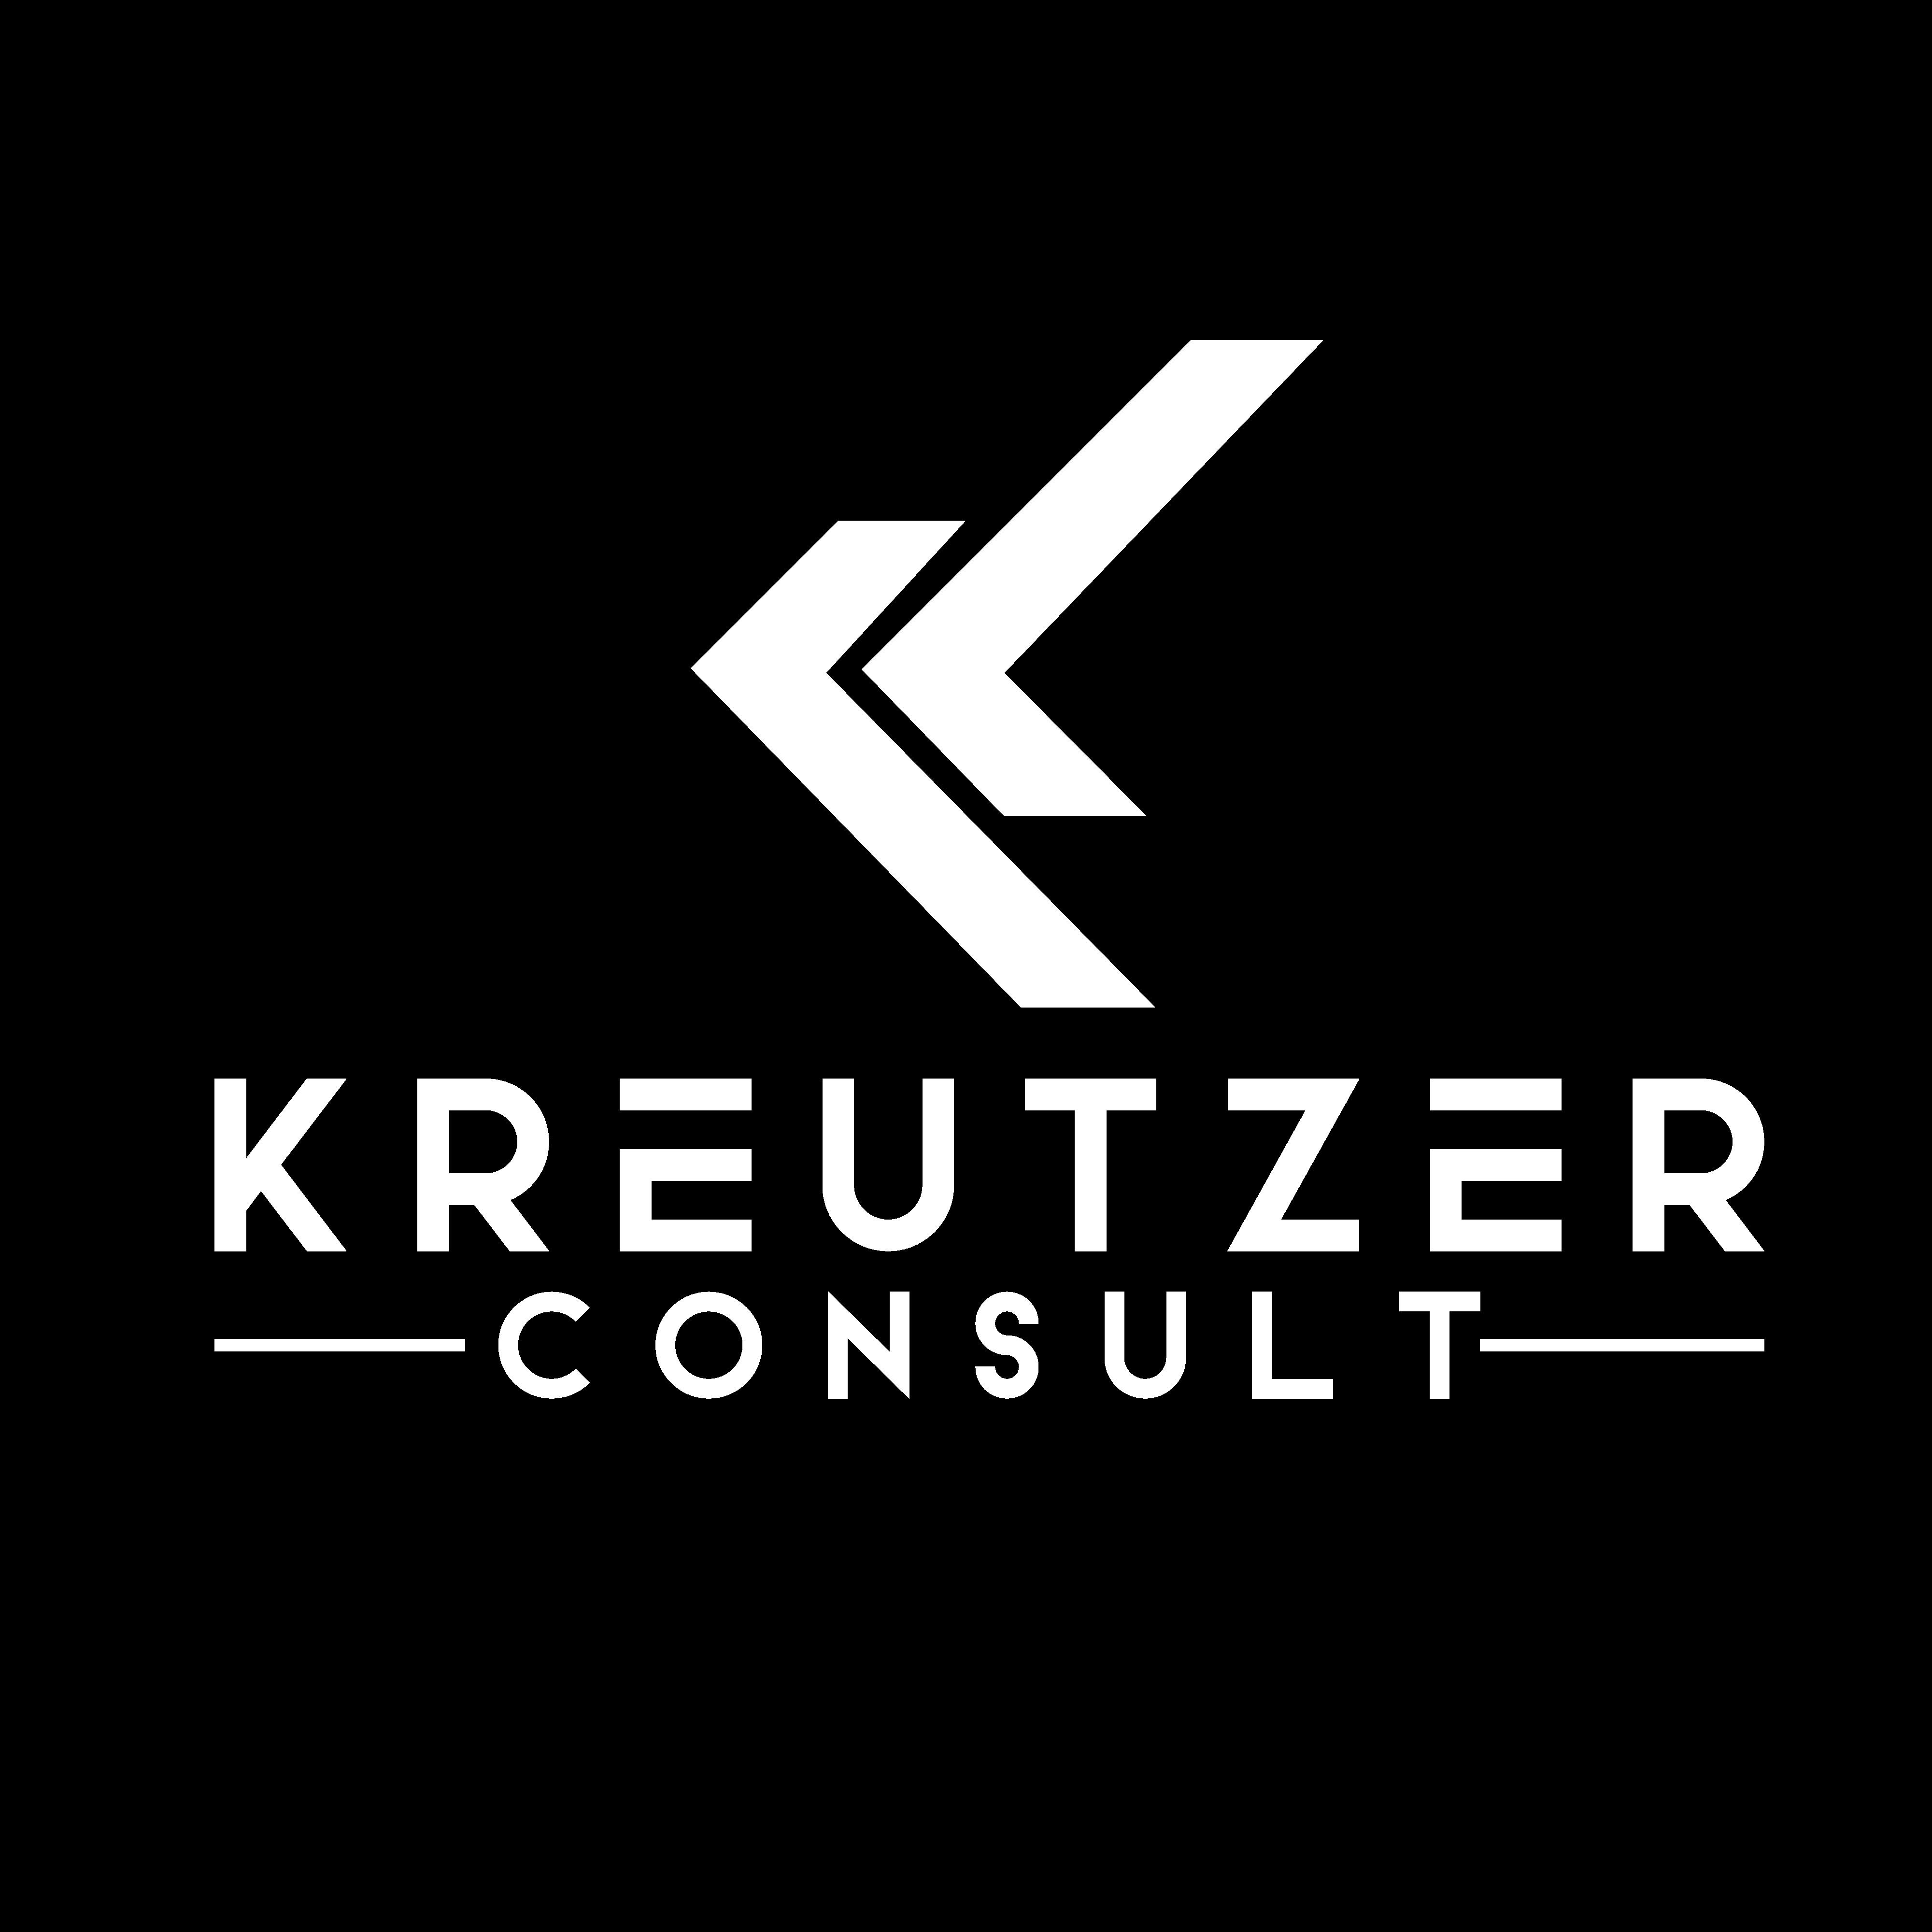 Kreutzer Consult